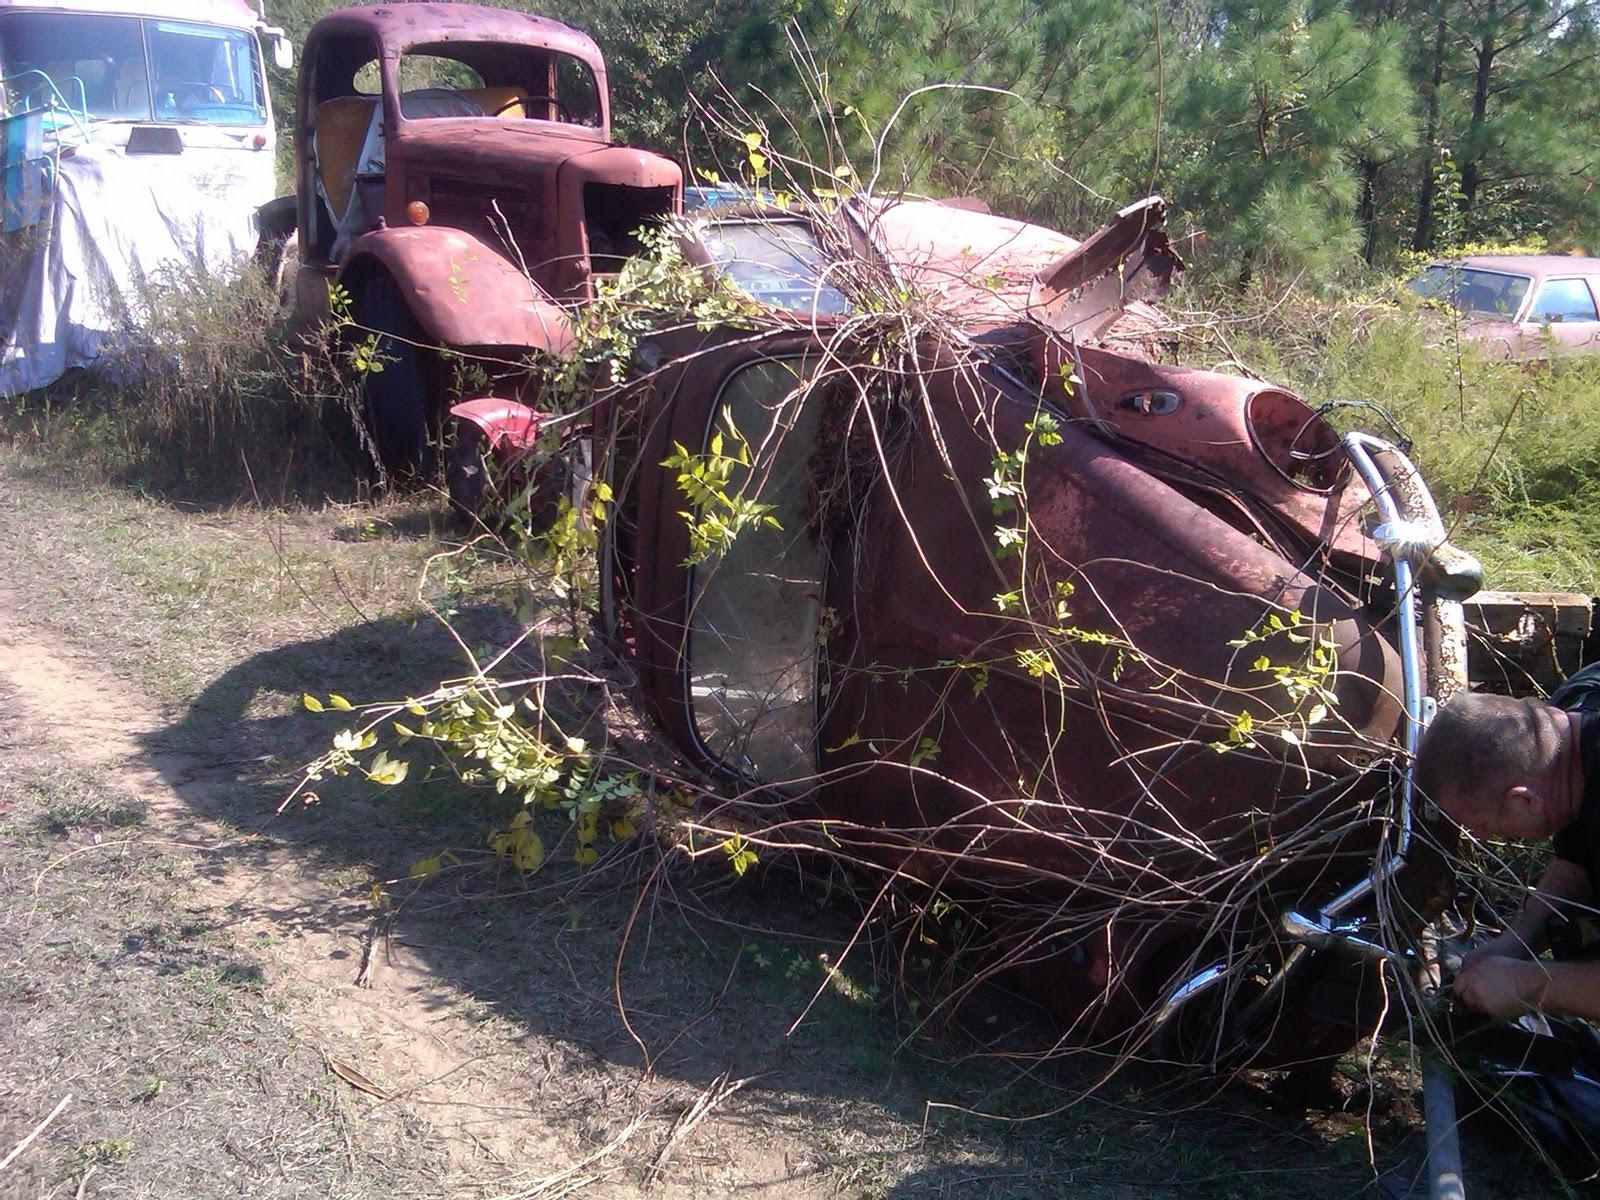 1959 Volkswagen Beetle headed